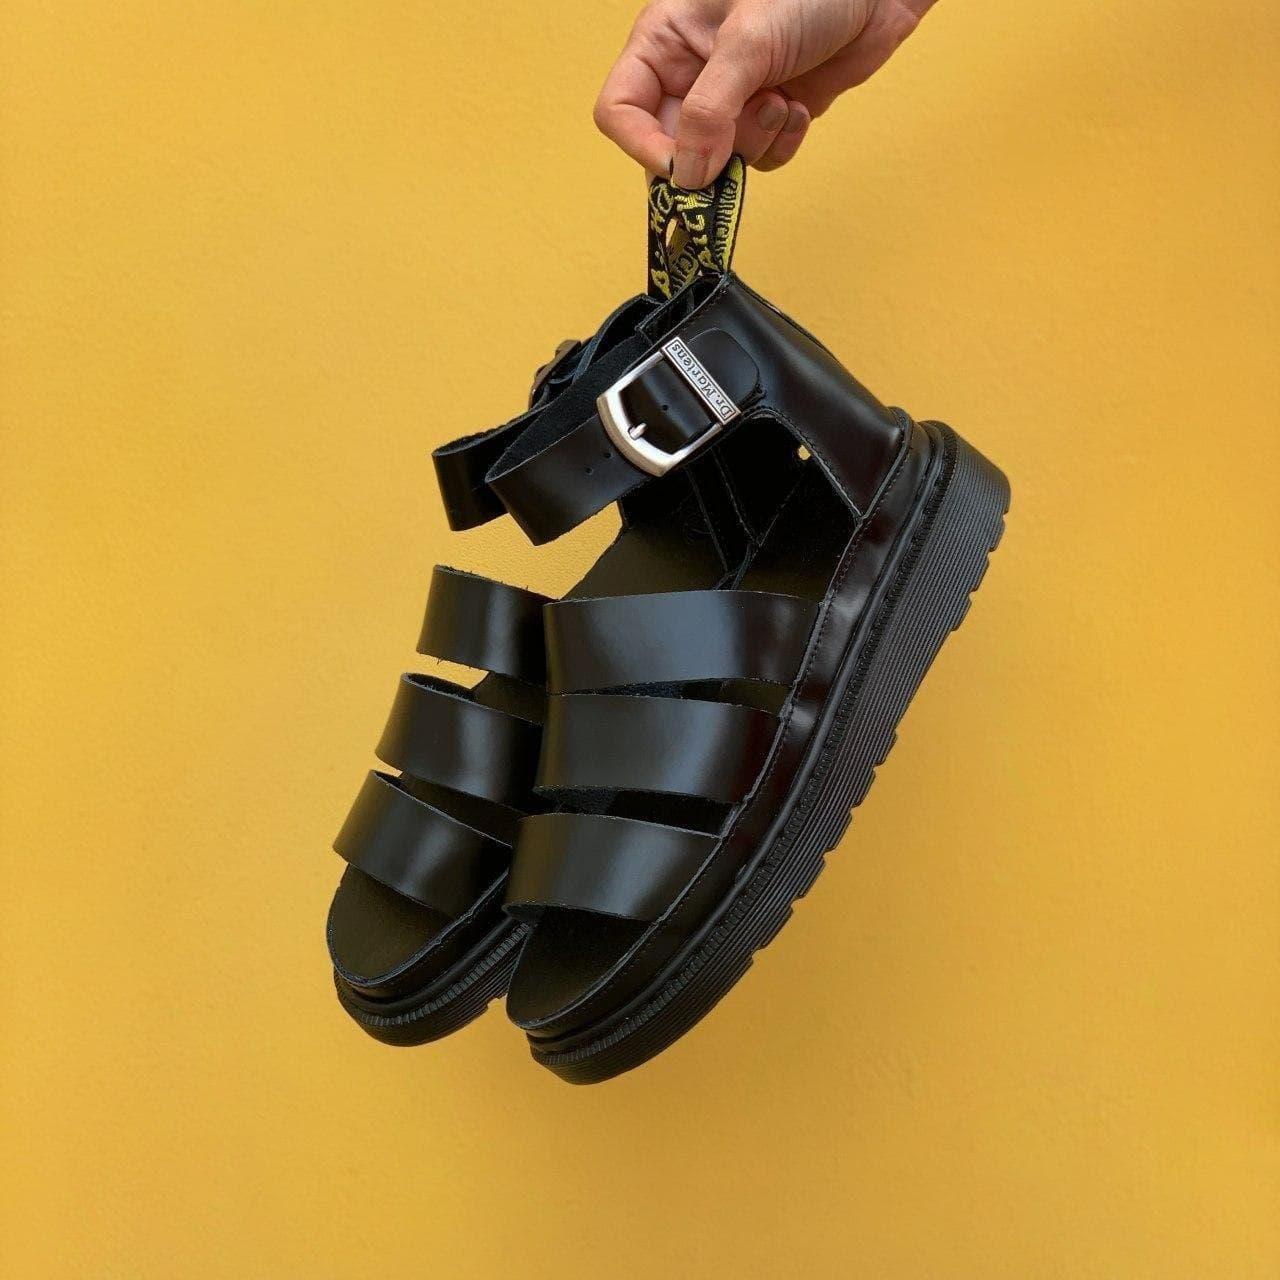 Жіночі Босоніжки Dr Martens Sandals Black